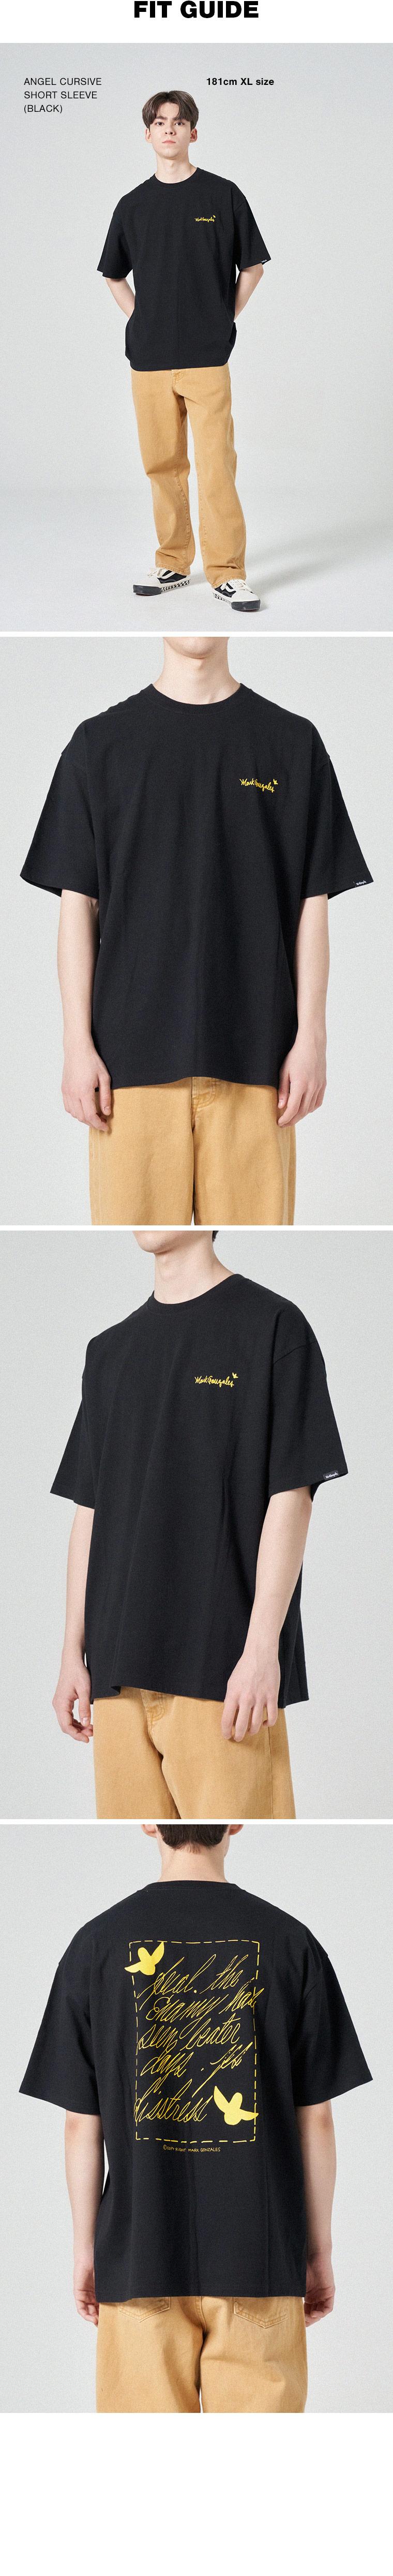 마크 곤잘레스(MARK GONZALES) 엔젤 커시브 반팔 티셔츠 블랙